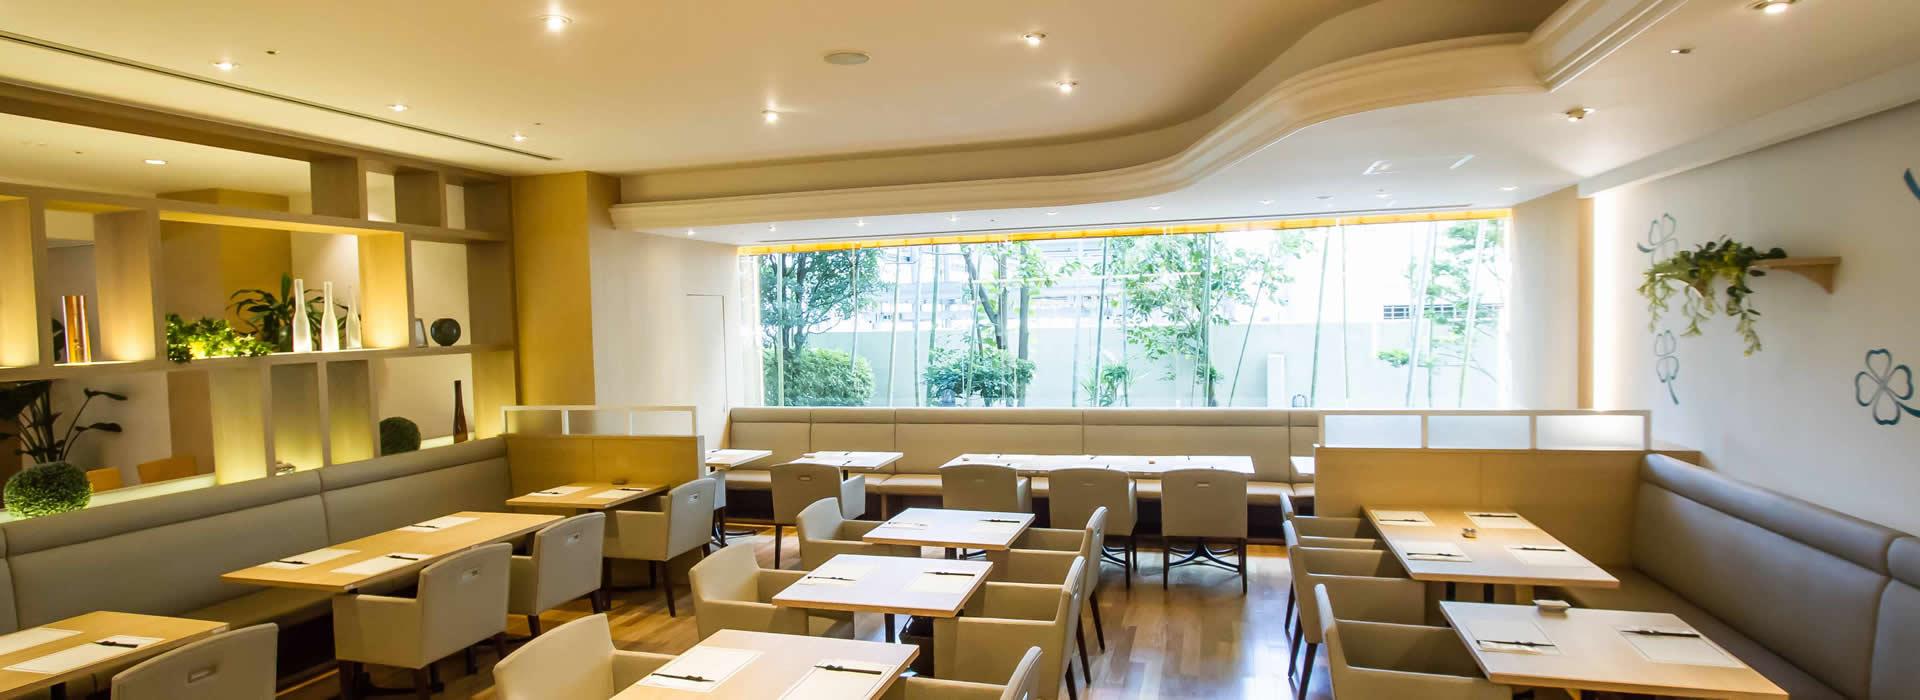 フォーリーフガーデン|レンブラントホテル大分【公式】レンブラントグループホテル